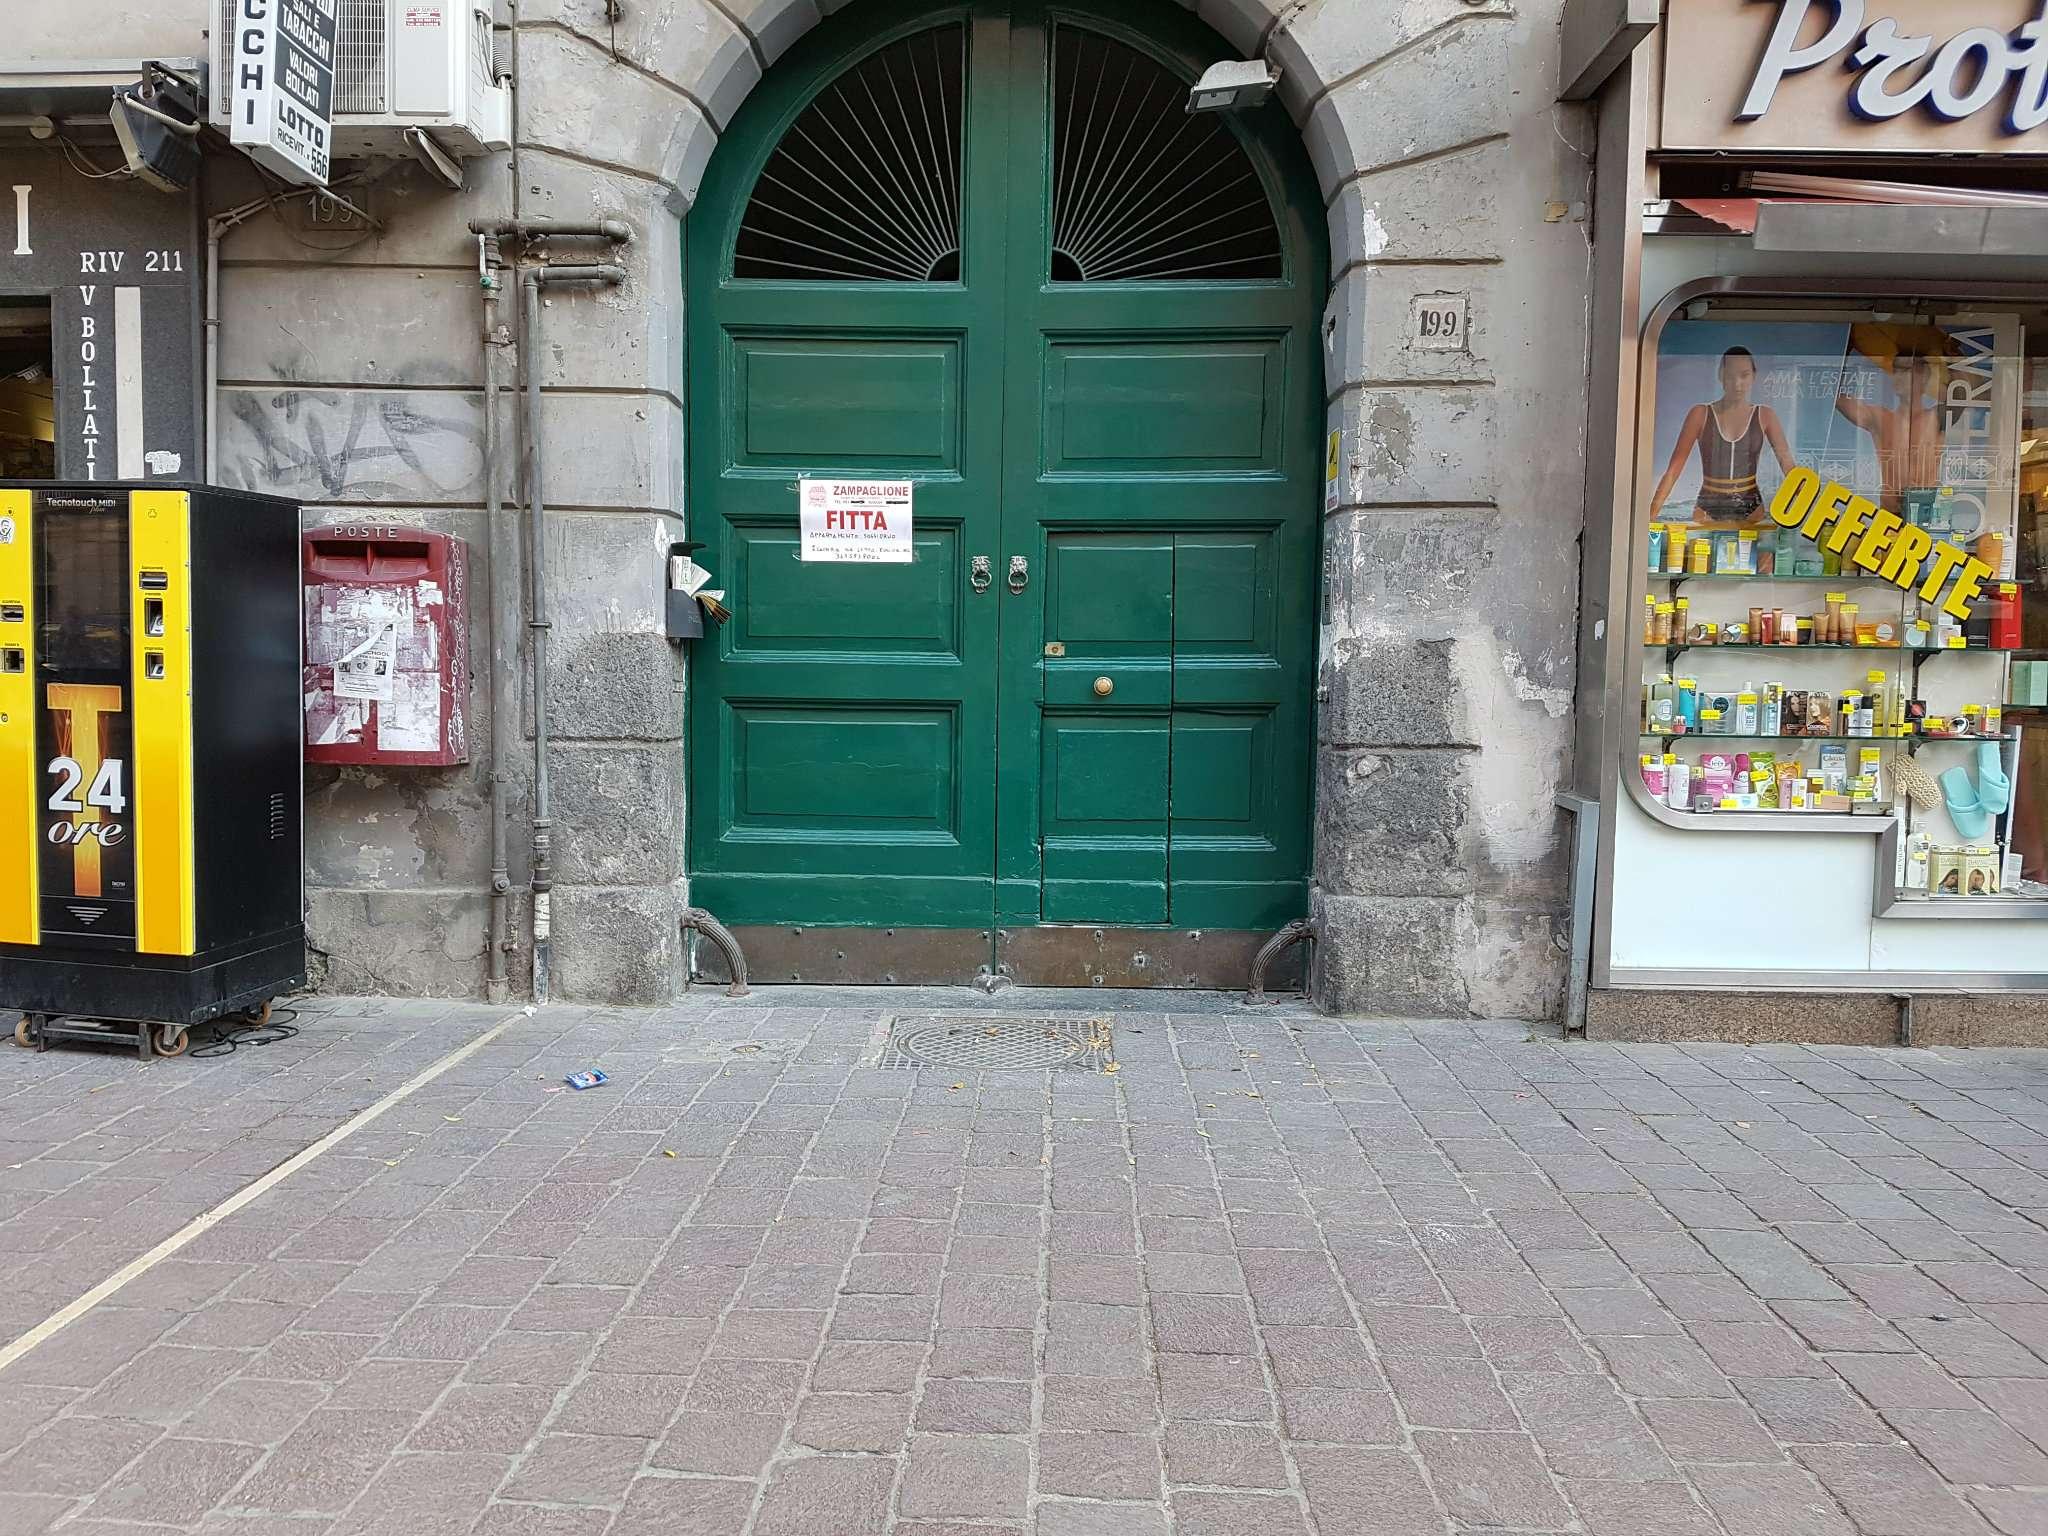 Appartamento in affitto a Napoli, 2 locali, zona Zona: 1 . Chiaia, Posillipo, San Ferdinando, prezzo € 900 | Cambio Casa.it